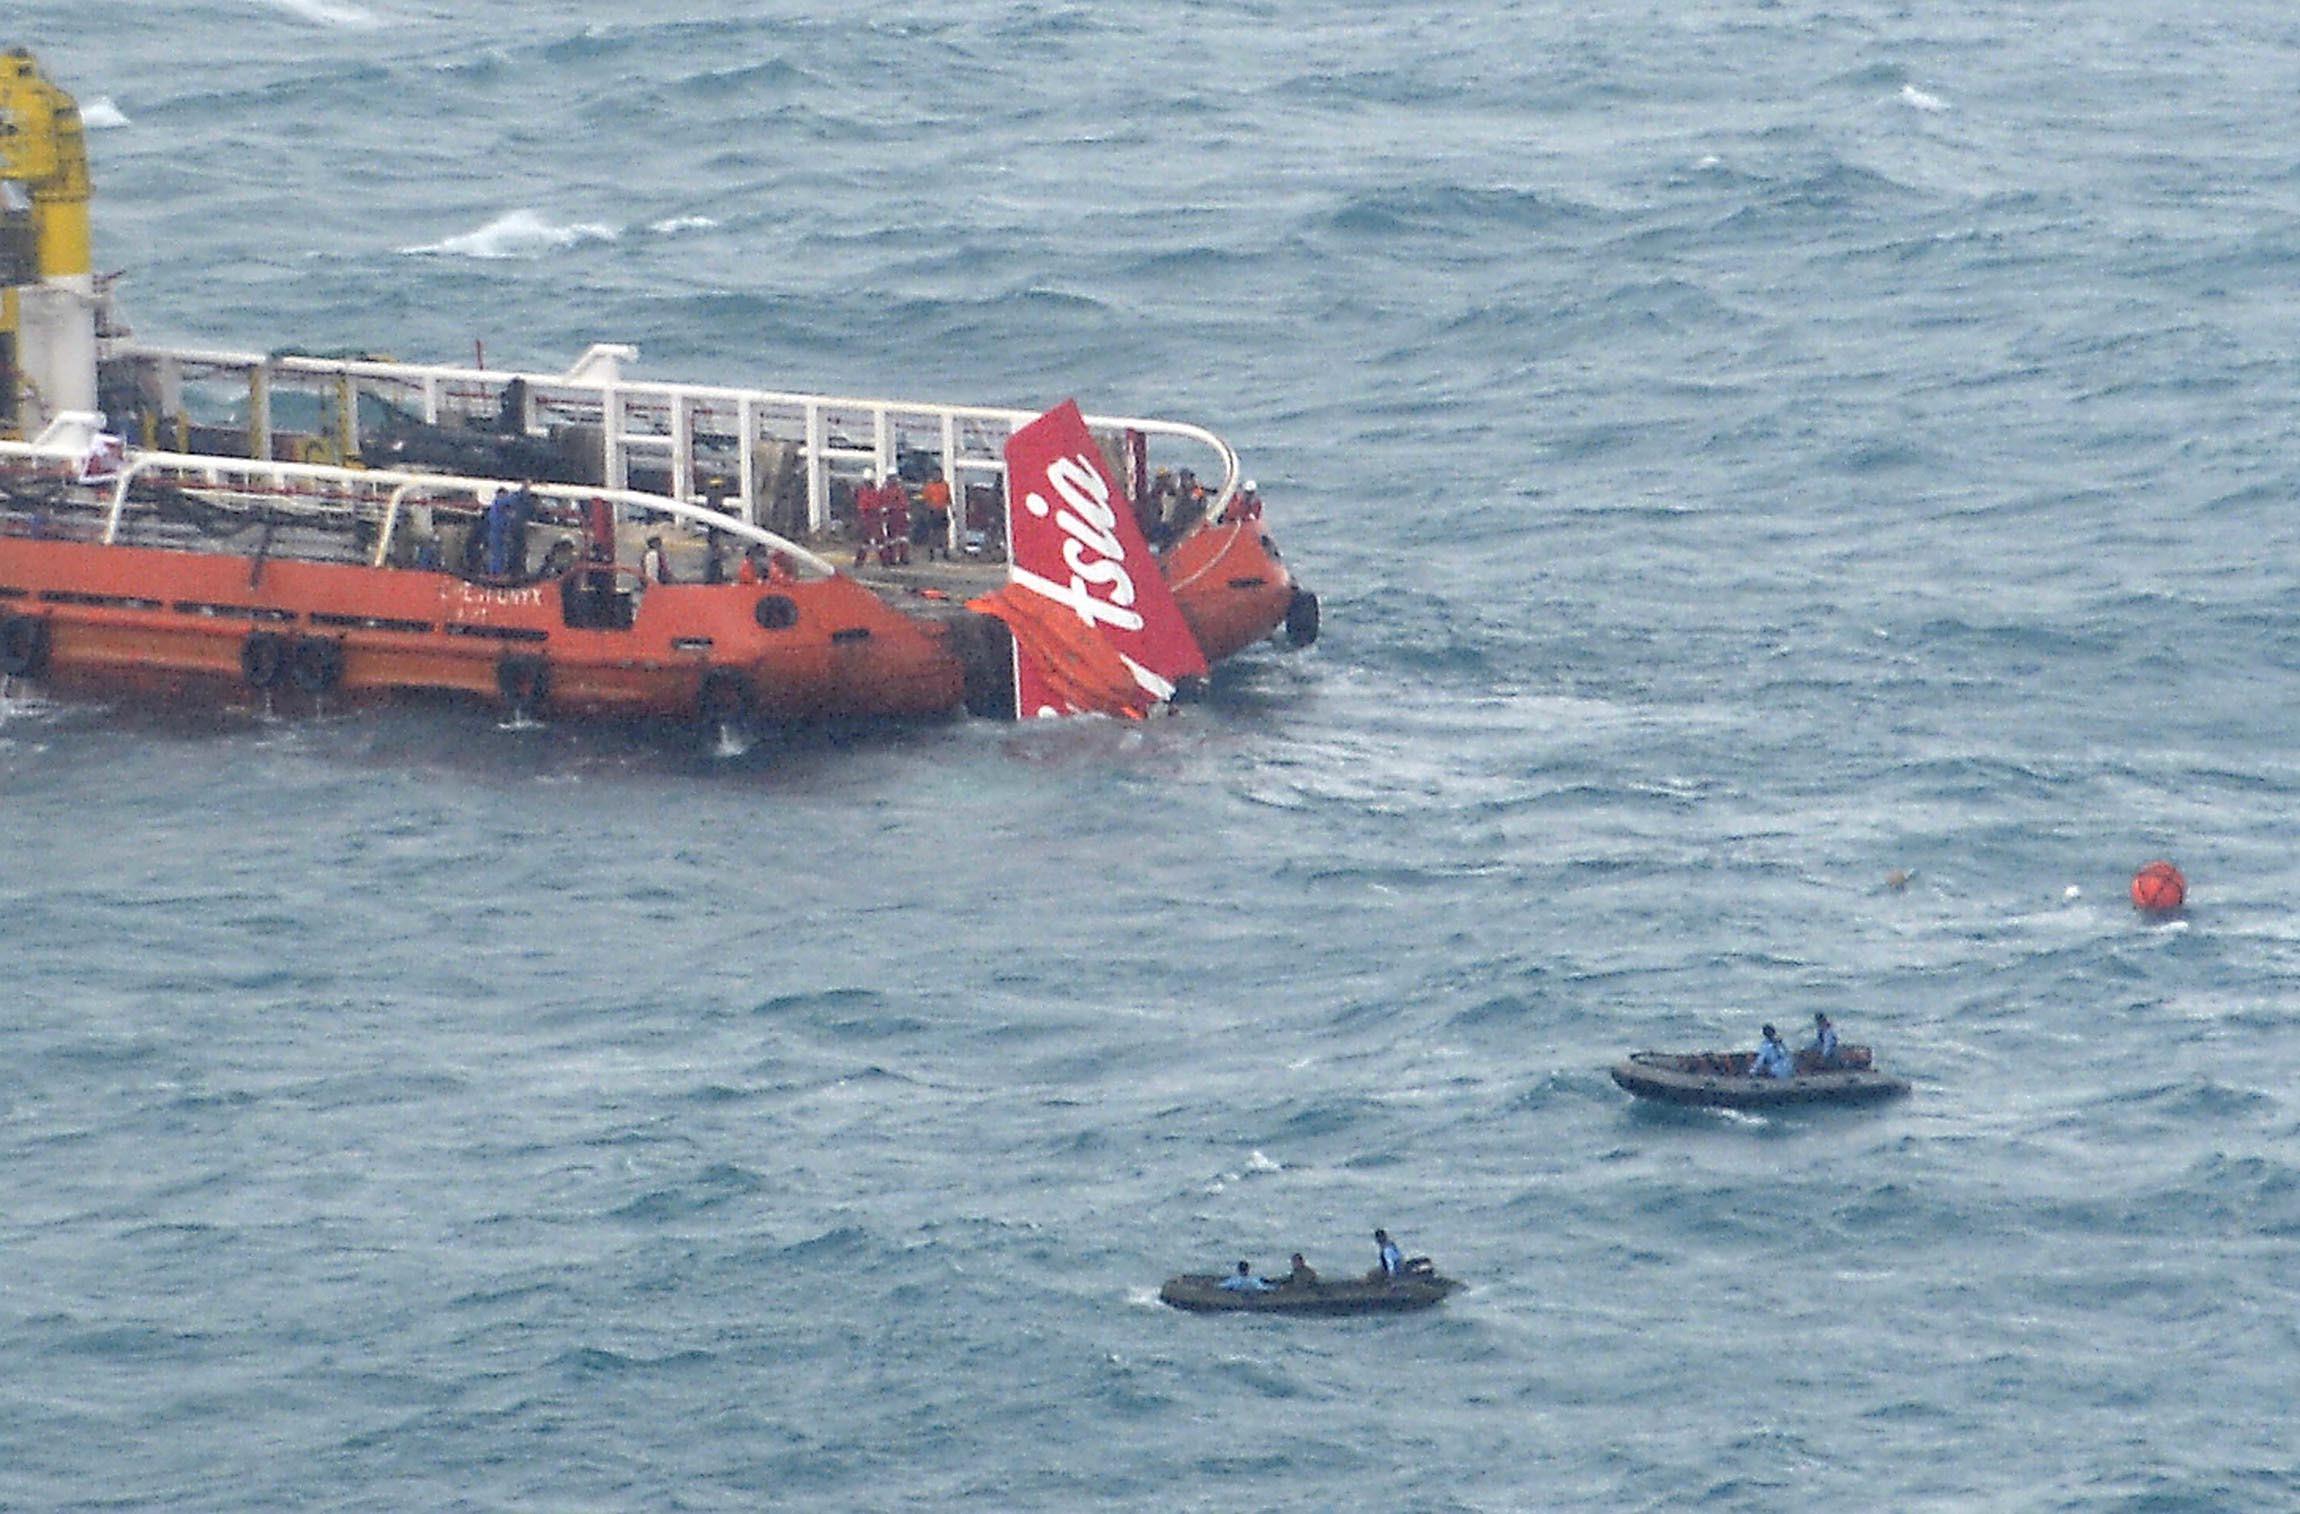 189 человек находилось на борту разбившегося в Индонезии самолета